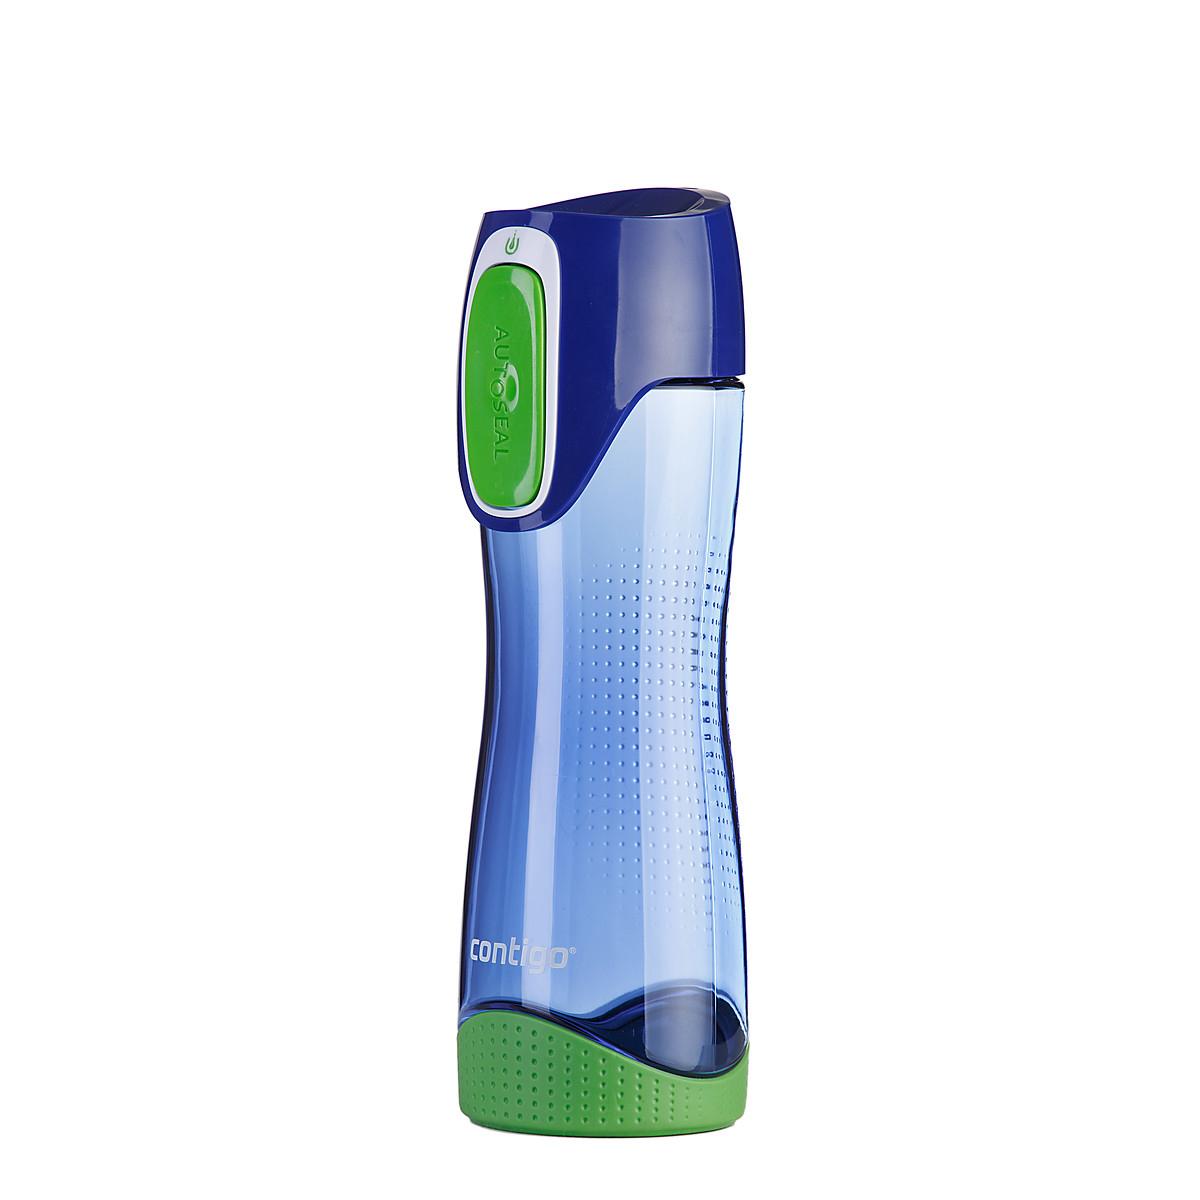 Бутылка для воды Contigo Swish, цвет: голубой, зеленый, 550 млcontigo0237Бутылка для воды Contigo Swish - это замечательный сюрприз как для родных и друзей, так и для себя.Практичная и комфортная форма, а также удобный размер позволит вам всегда носить ее с собой. Кроме того, чтобы попить из бутылки вам достаточно просто нажать на кнопку, а при отпускании ее крышка автоматически закроется, исключая вытекание воды. Такая система обеспечивает полную защиту вашей воды от попадания вредных и ненужных микроорганизмов.